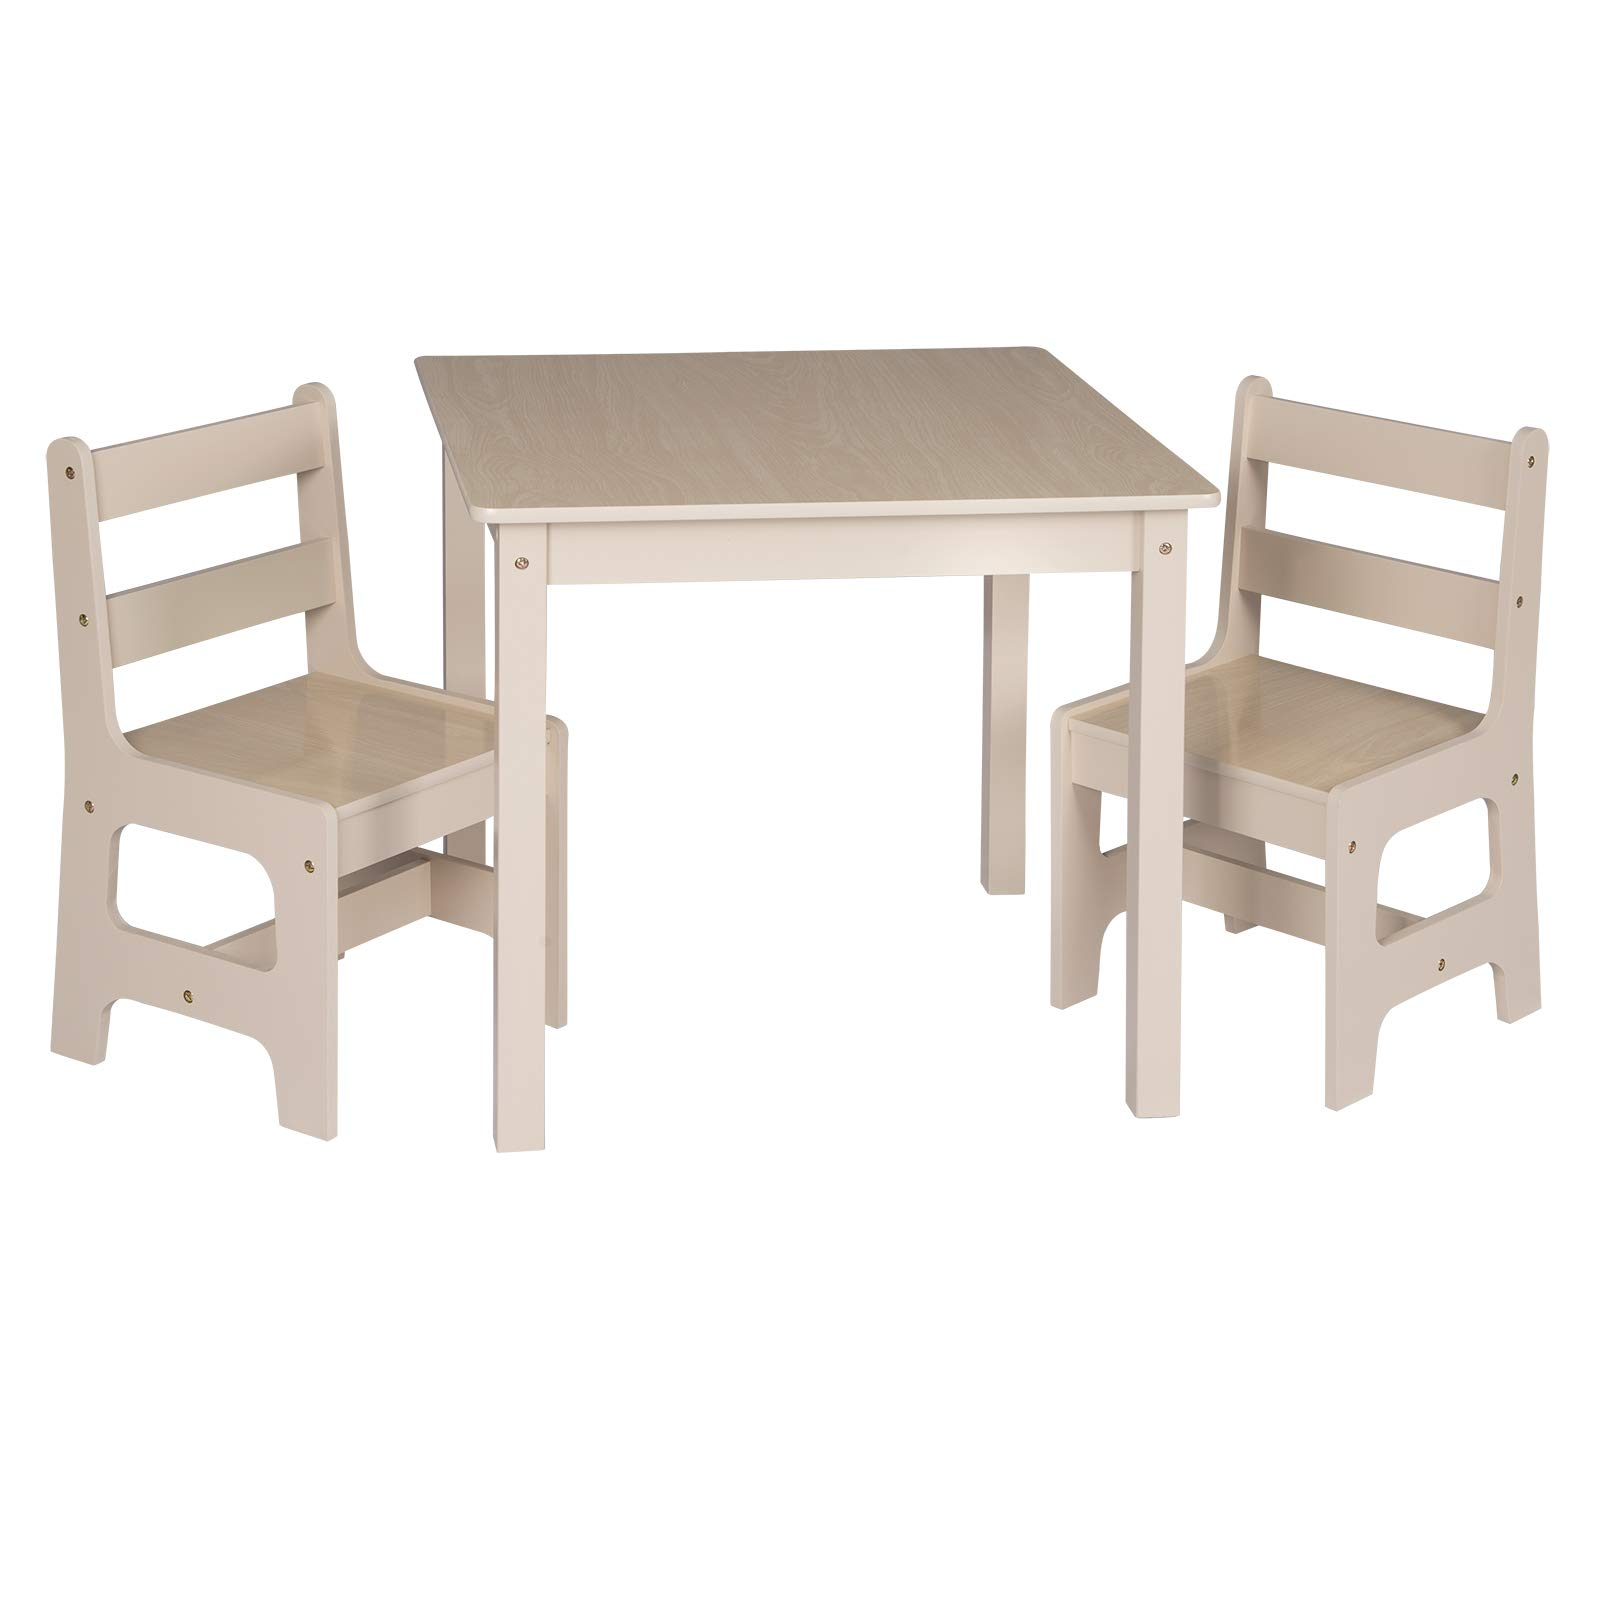 Set Tavolo E Sedie Bambini.Woltu Sg001 Tavolo E Sedie Per Bambini Soggiorno Tavolino Con 2 Sgabelli Set Mobili In Legno